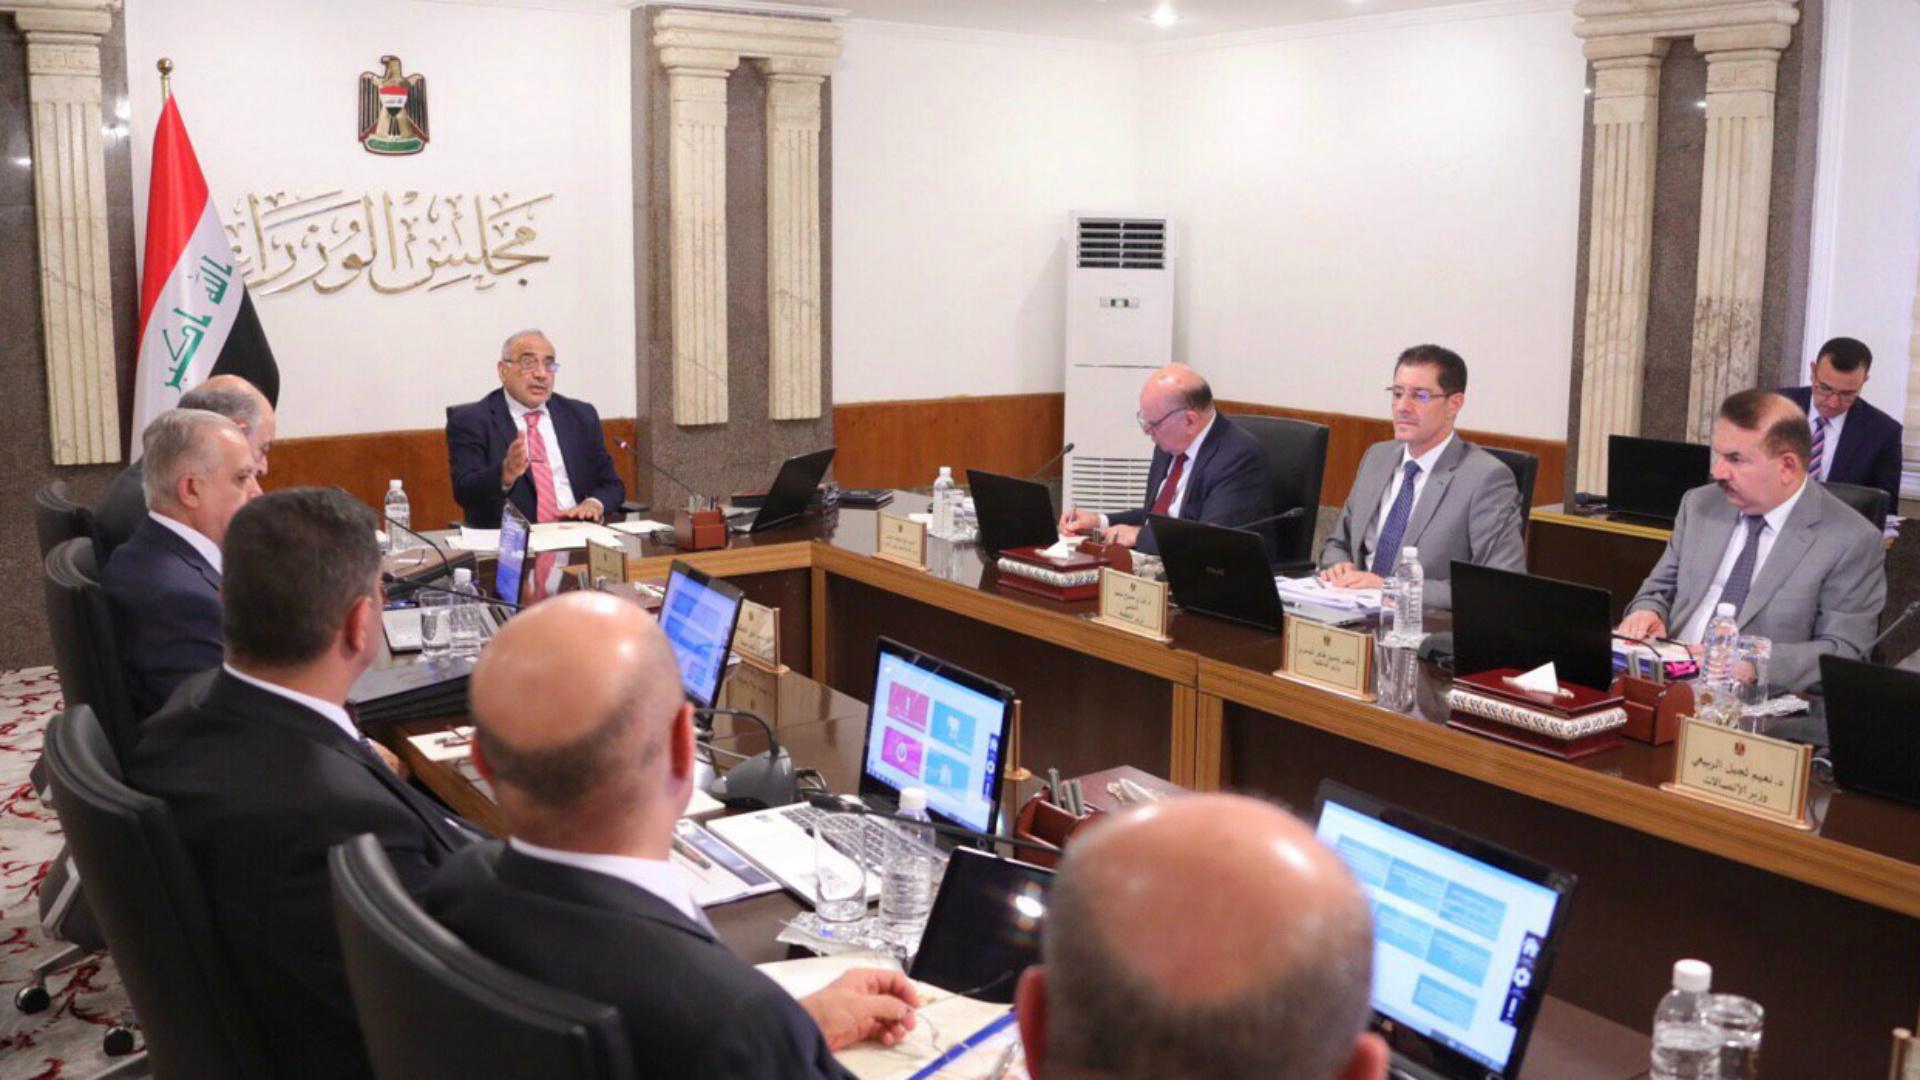 مجلس الوزراء يوافق على بناء جزيرة صناعية لتصدير النفط الخام عبر المياه الإقليمية